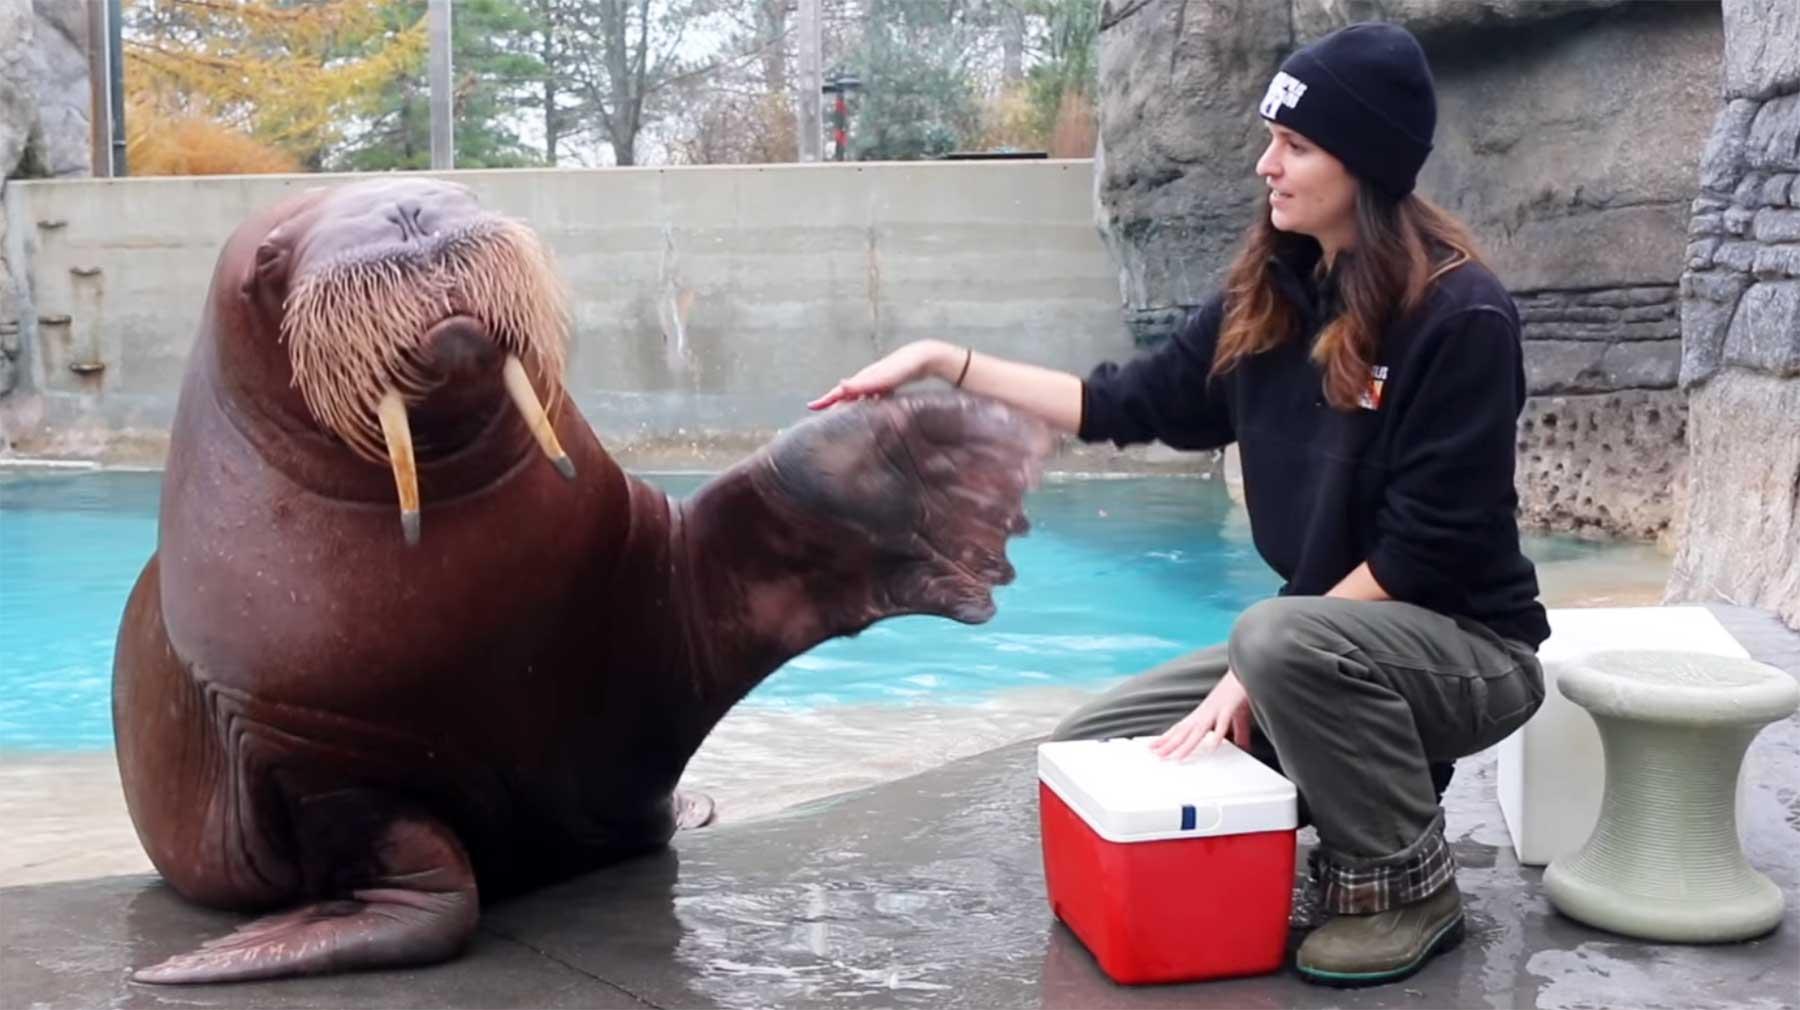 Walrosse können Pfeifen und viele andere Töne von sich geben